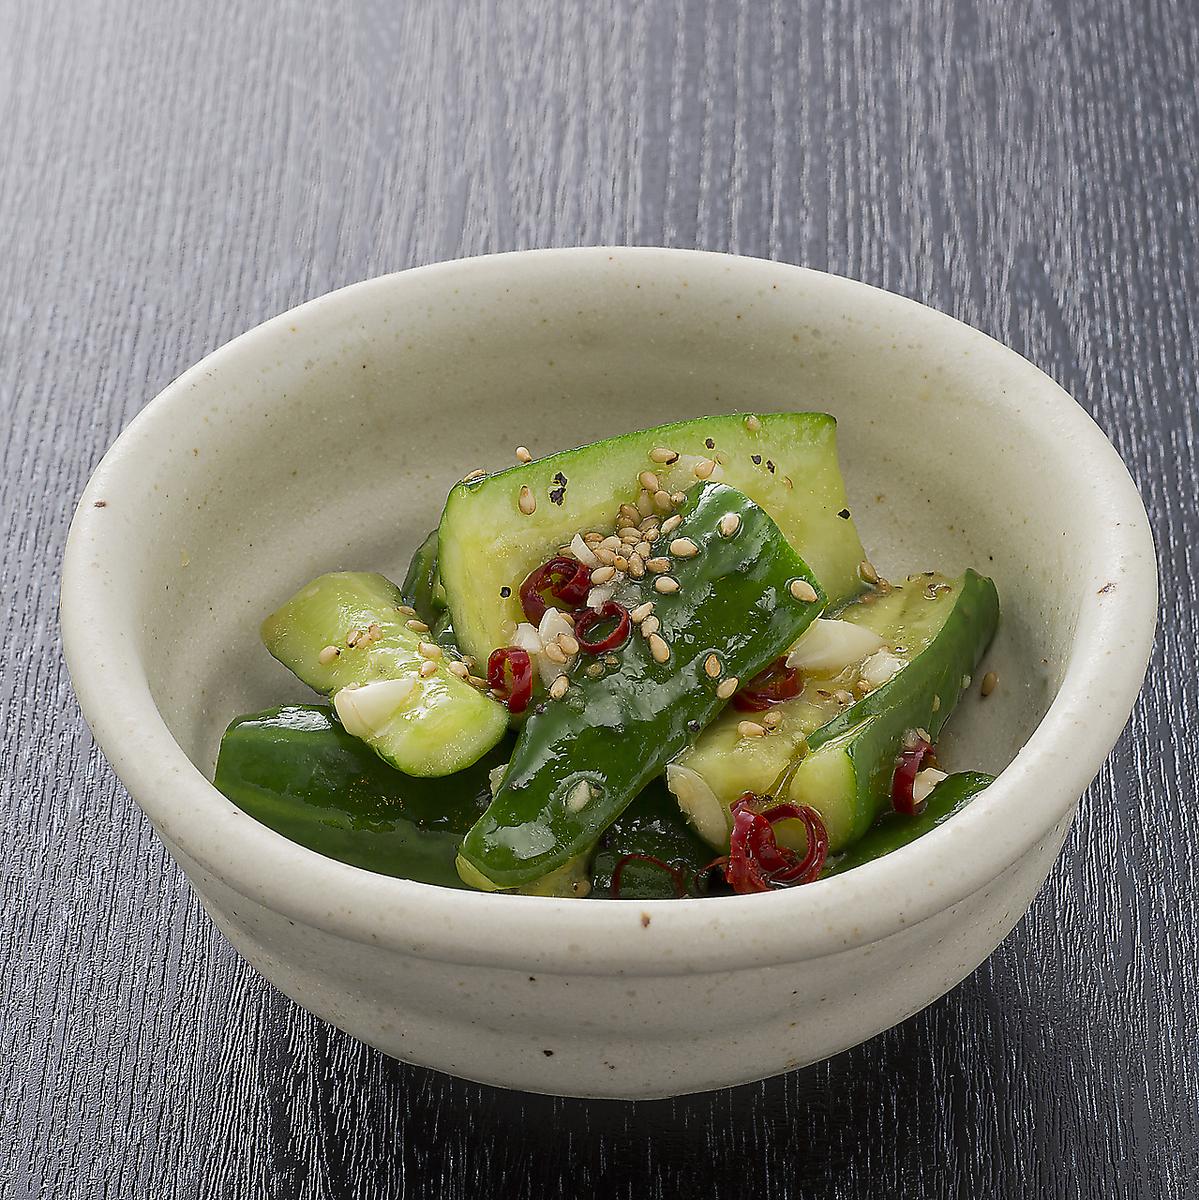 不均勻的黃瓜大蒜醃製